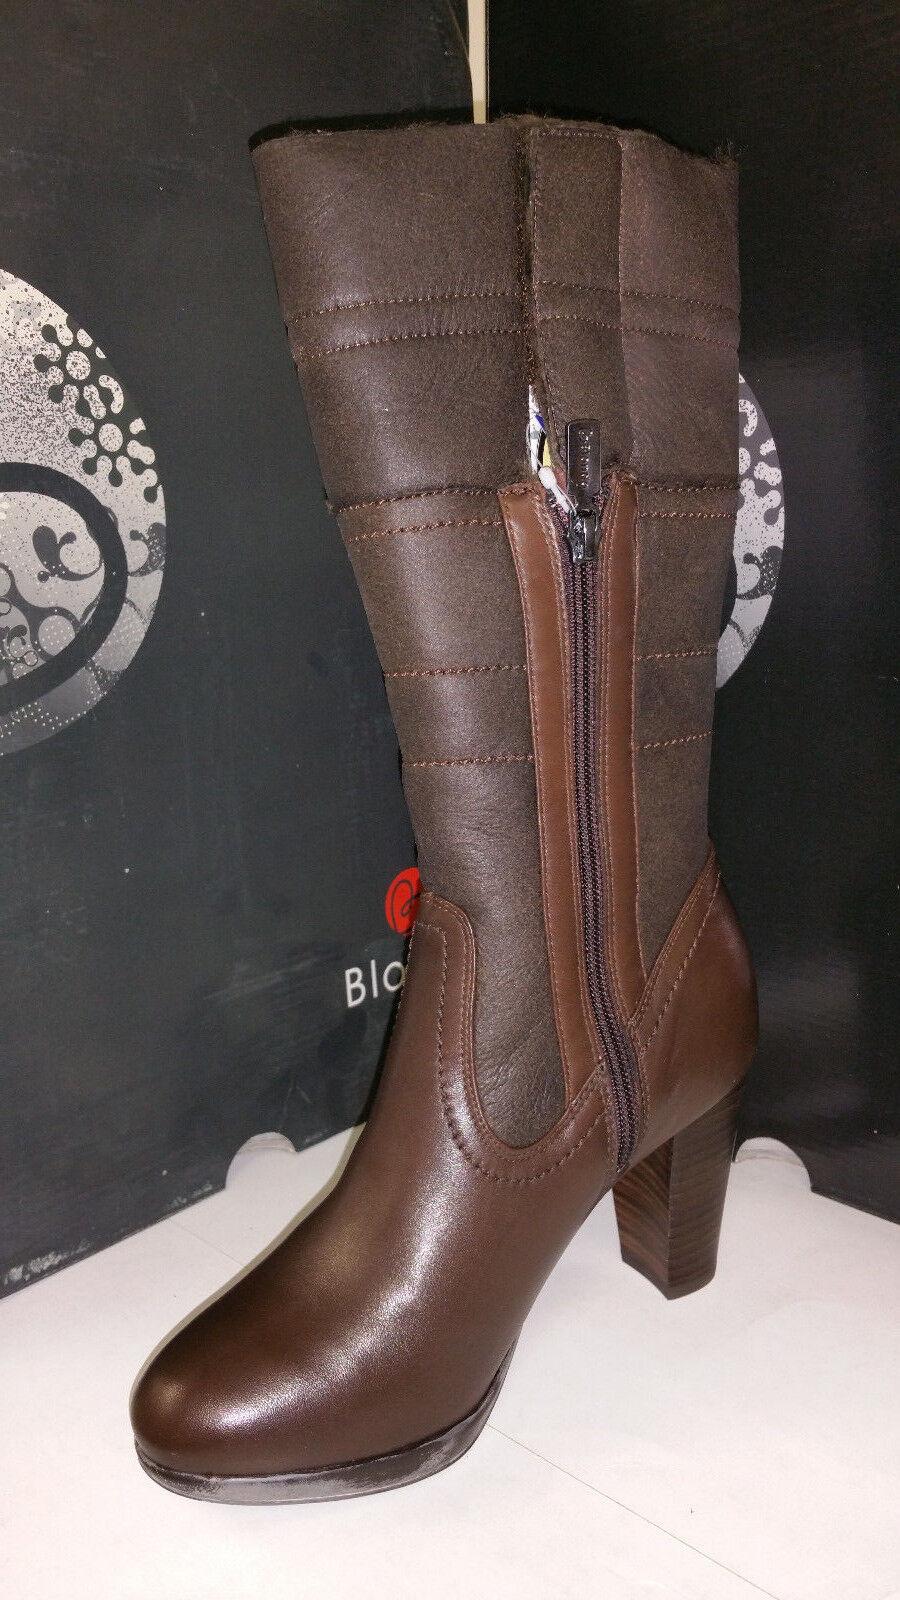 Blondo Women's Phebbe Moka Waterproof Leather Fur Lined Boots size 5-11